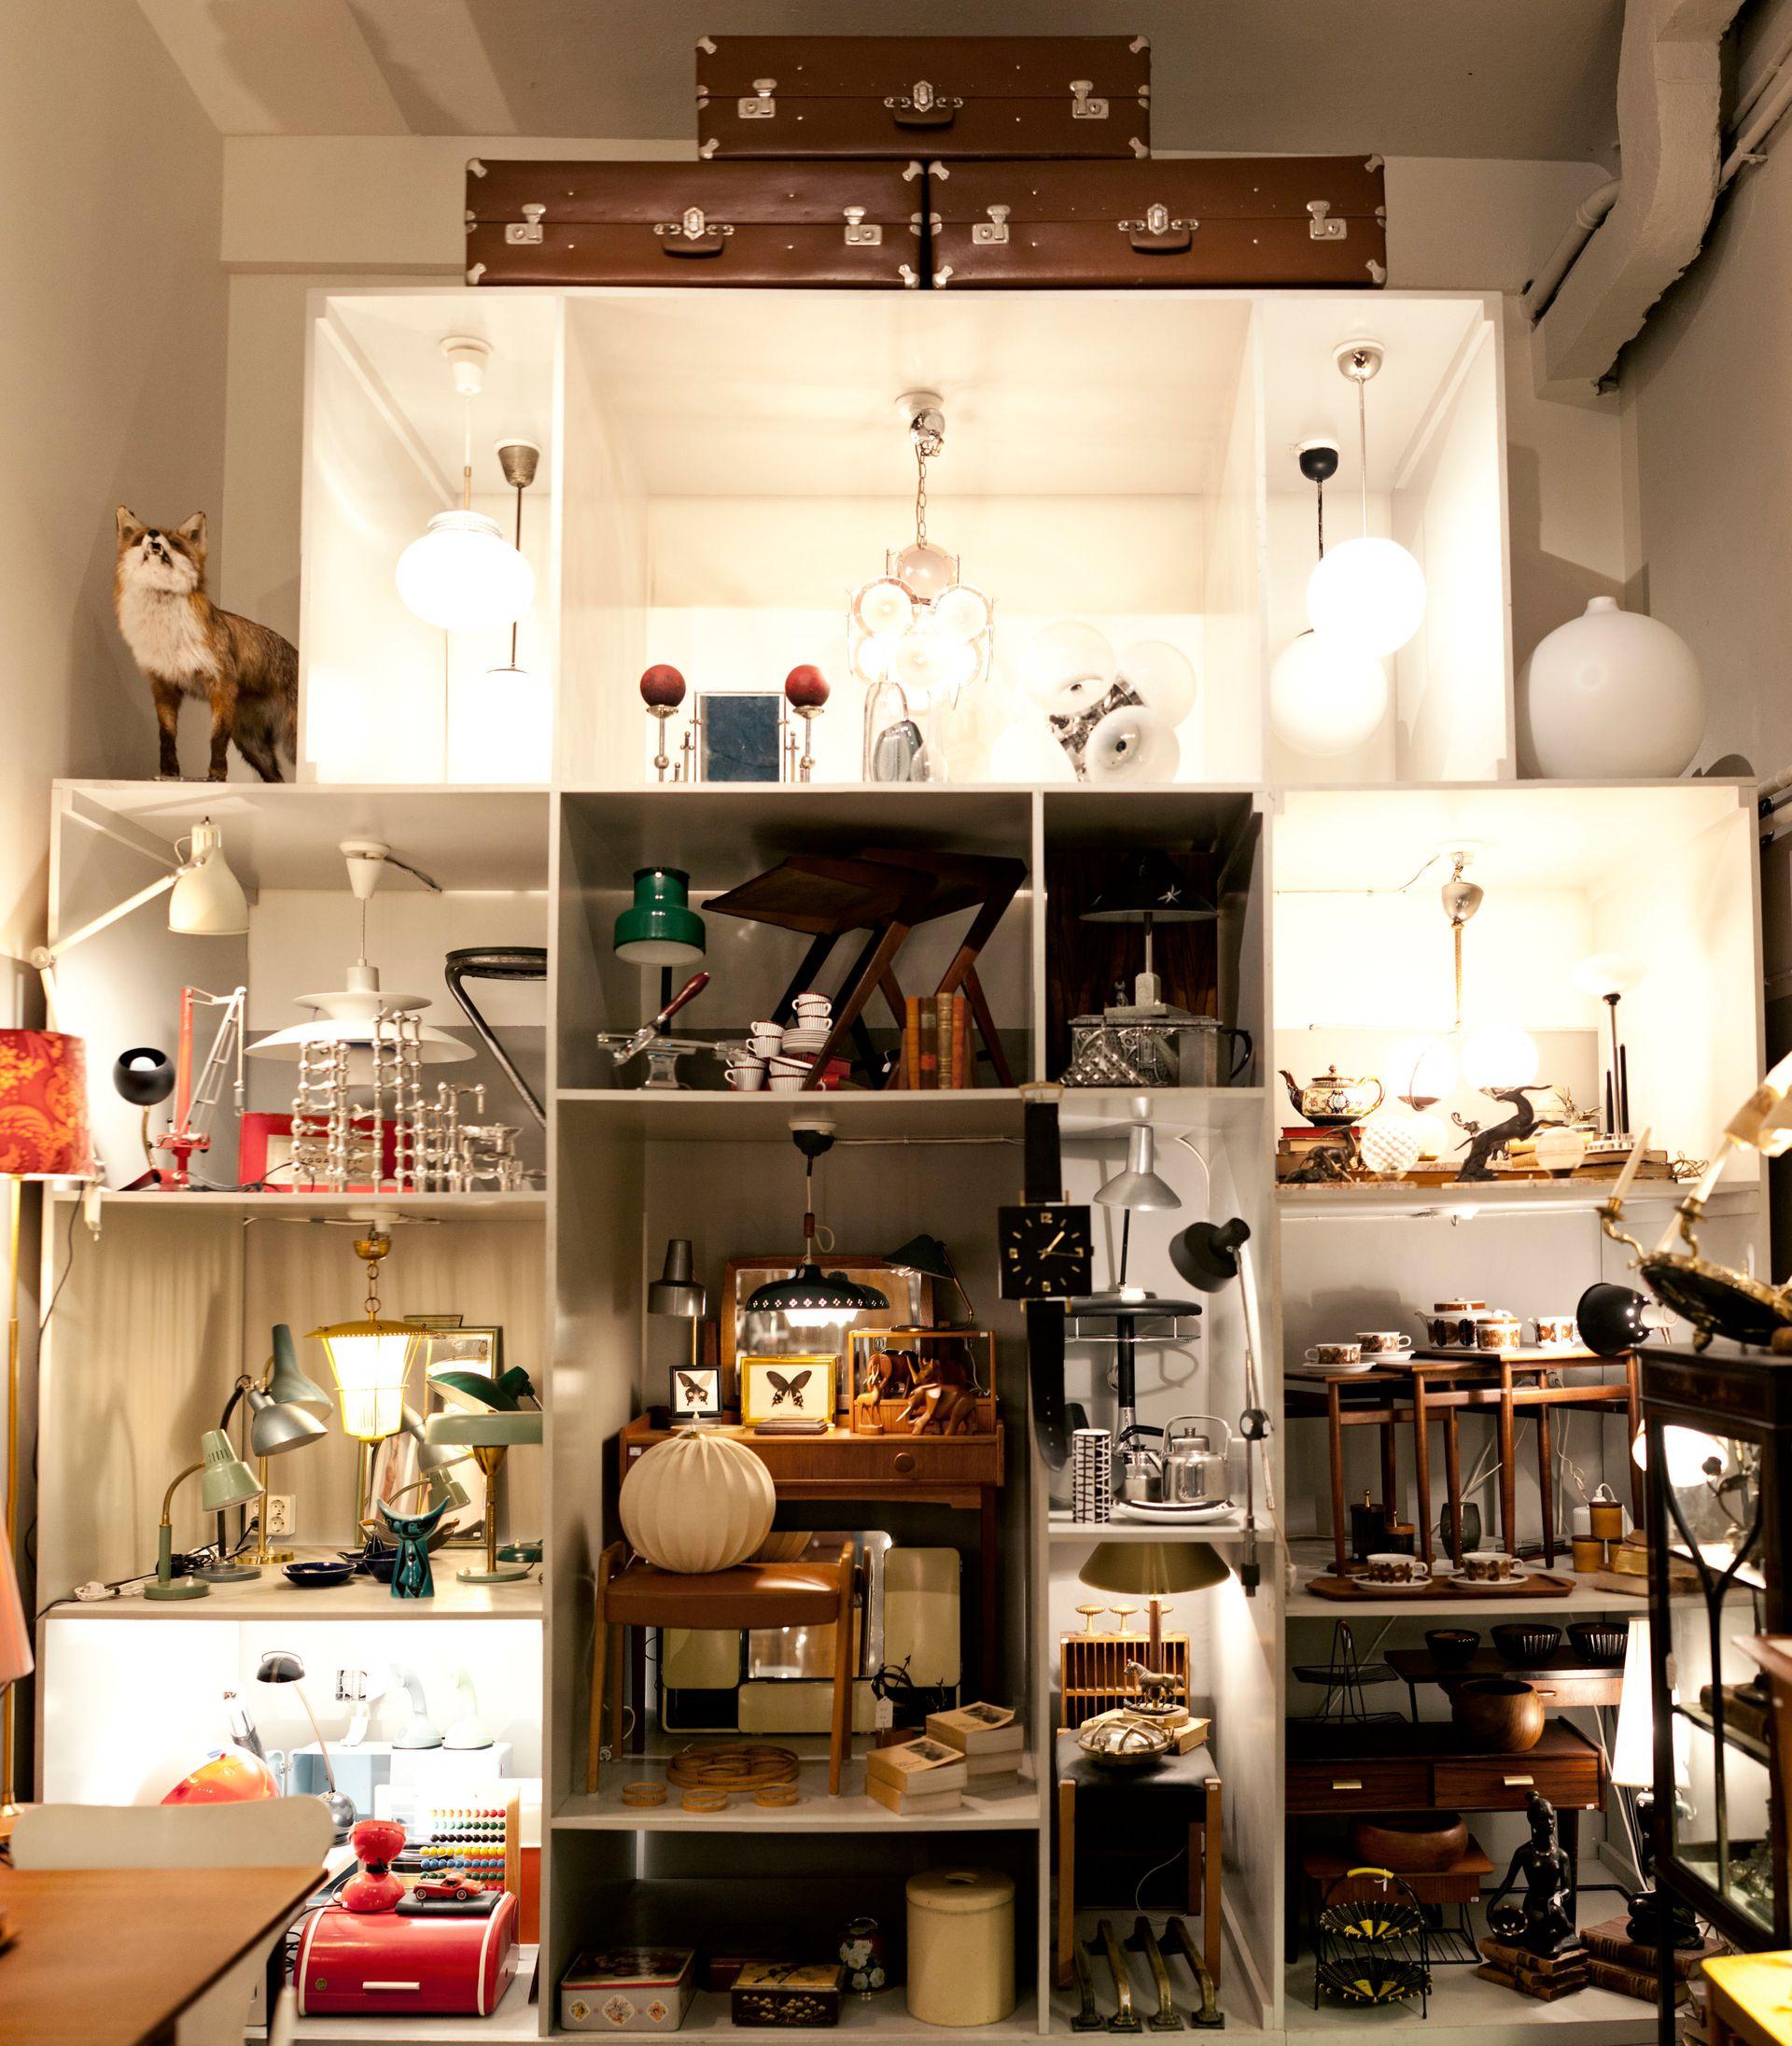 Furniture in a vintage shop.